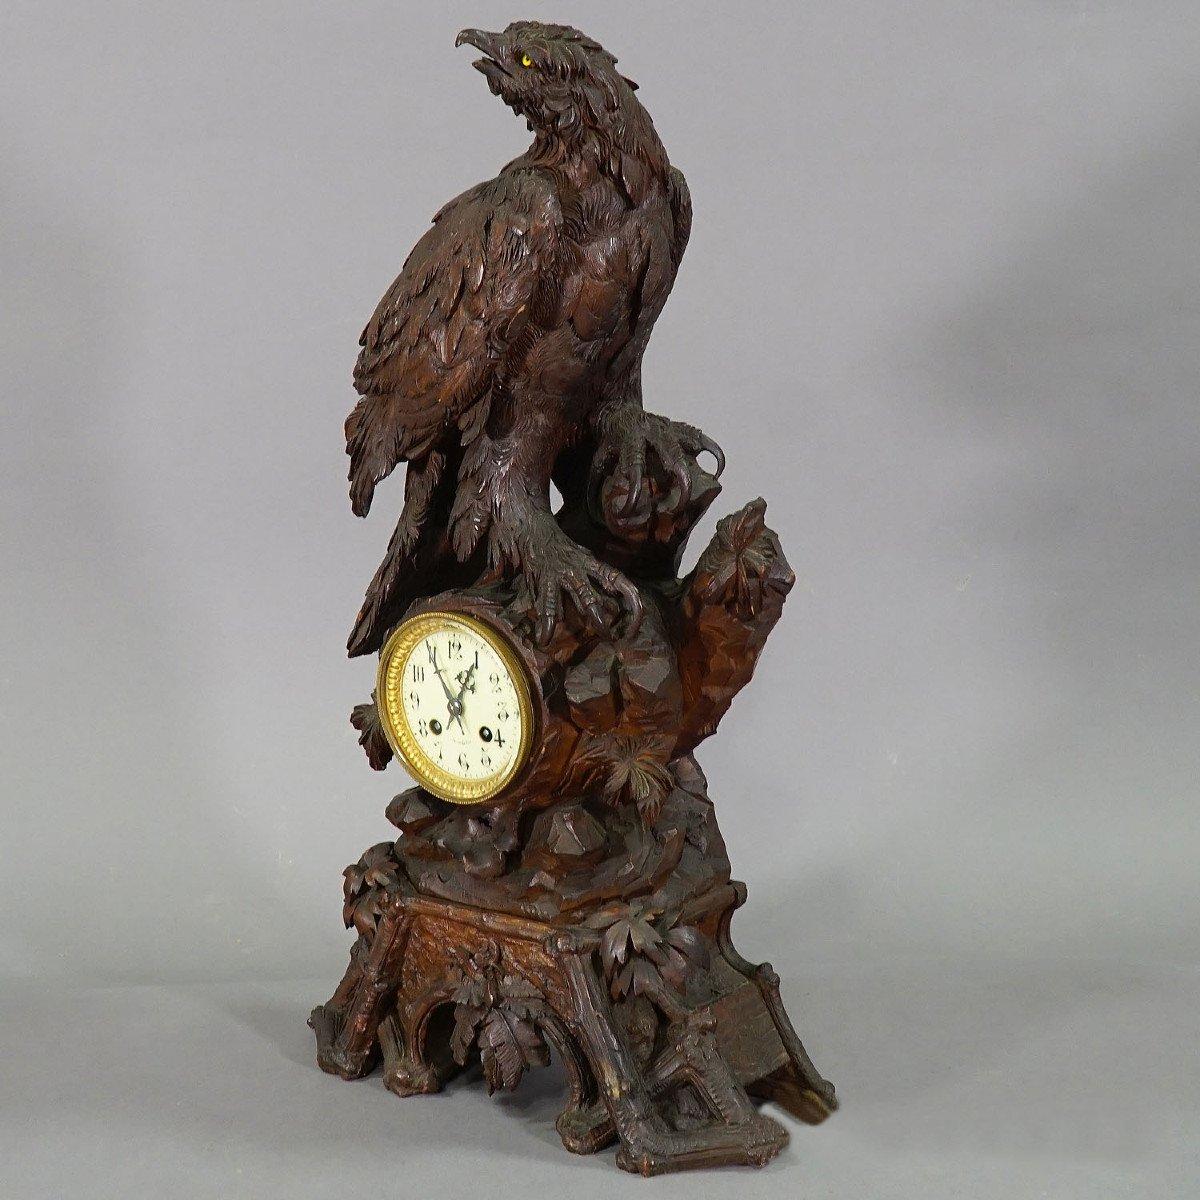 Ancienne Horloge De Cheminée En Bois Avec Aigle, Suisse 1900-photo-5